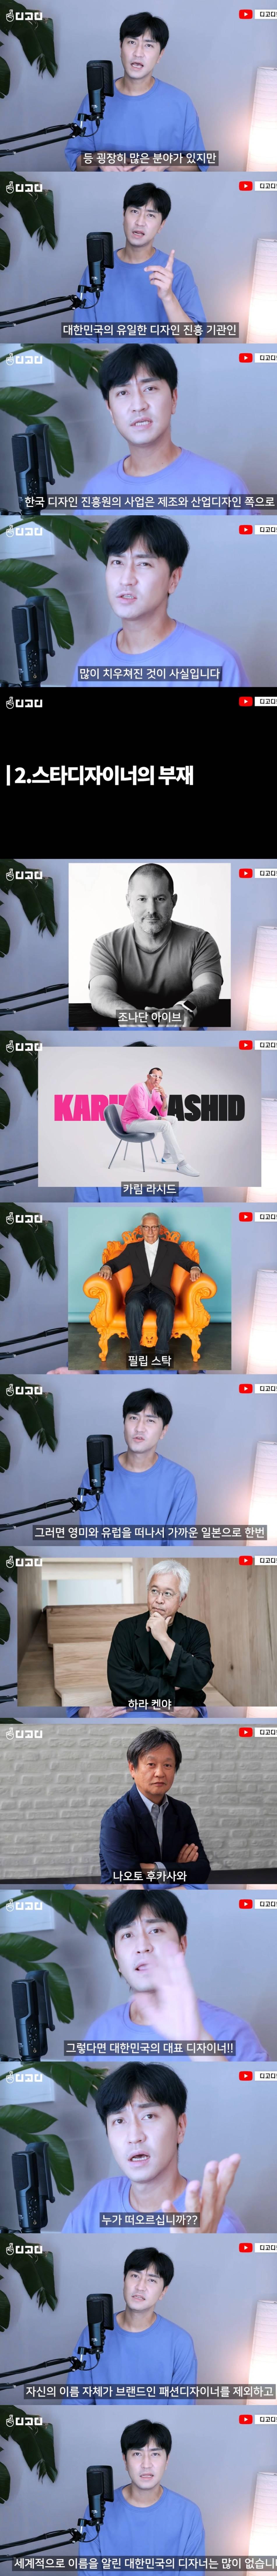 한국 디자인 업계가 개판이 된 이유 | 인스티즈